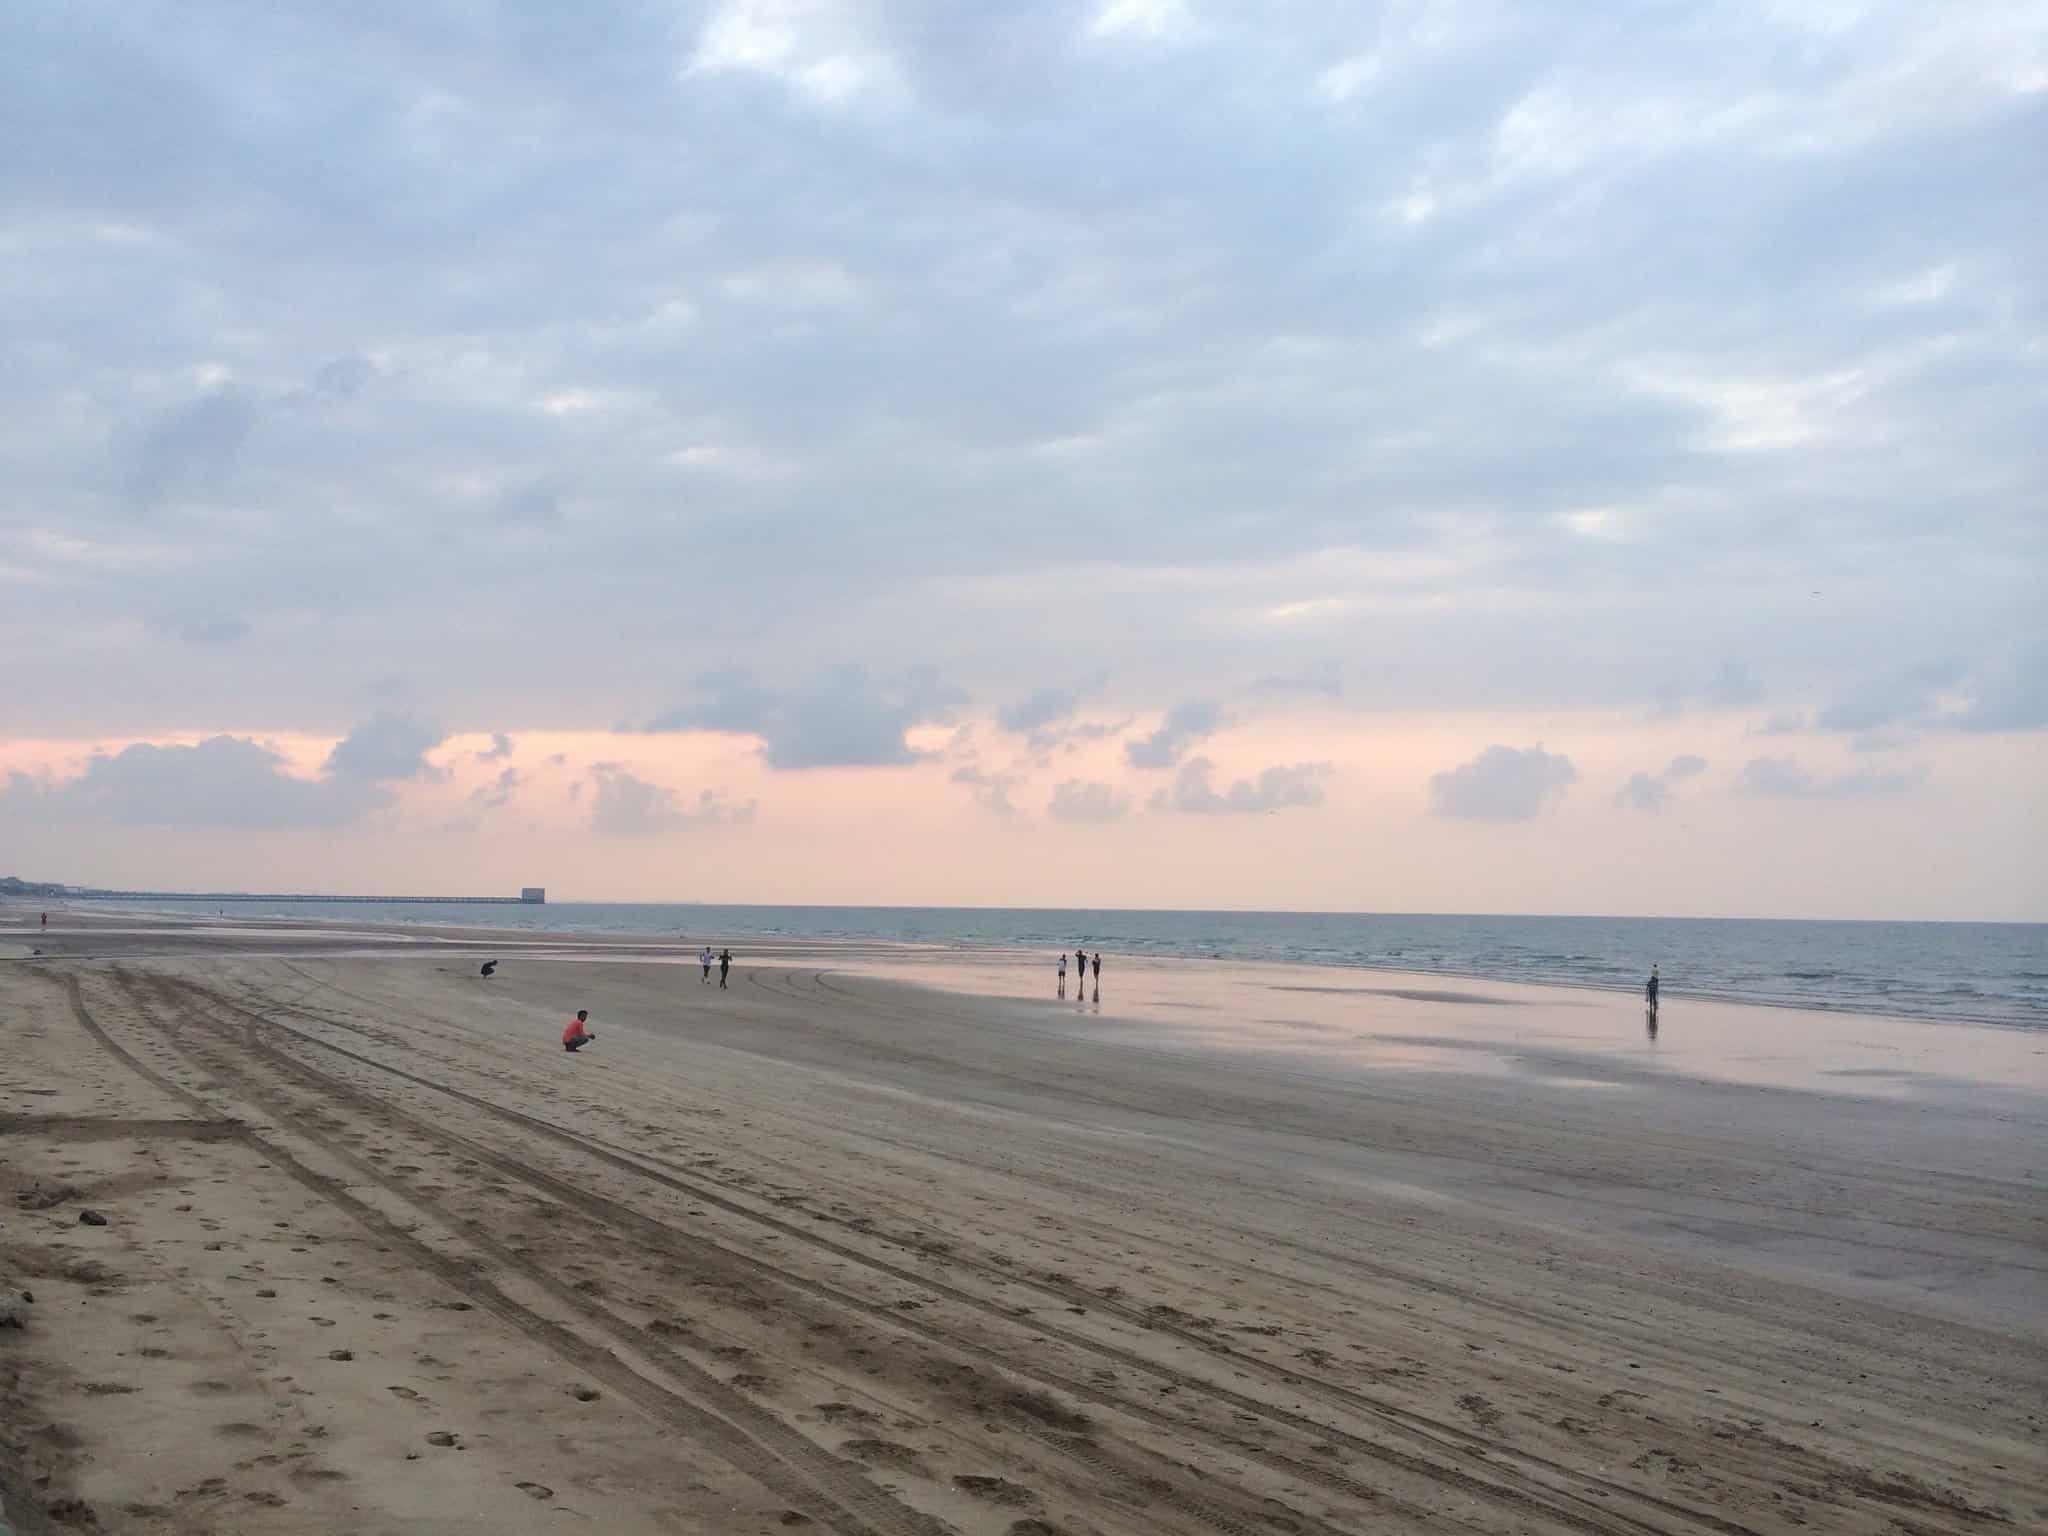 . السباحة في شاطئ القرم